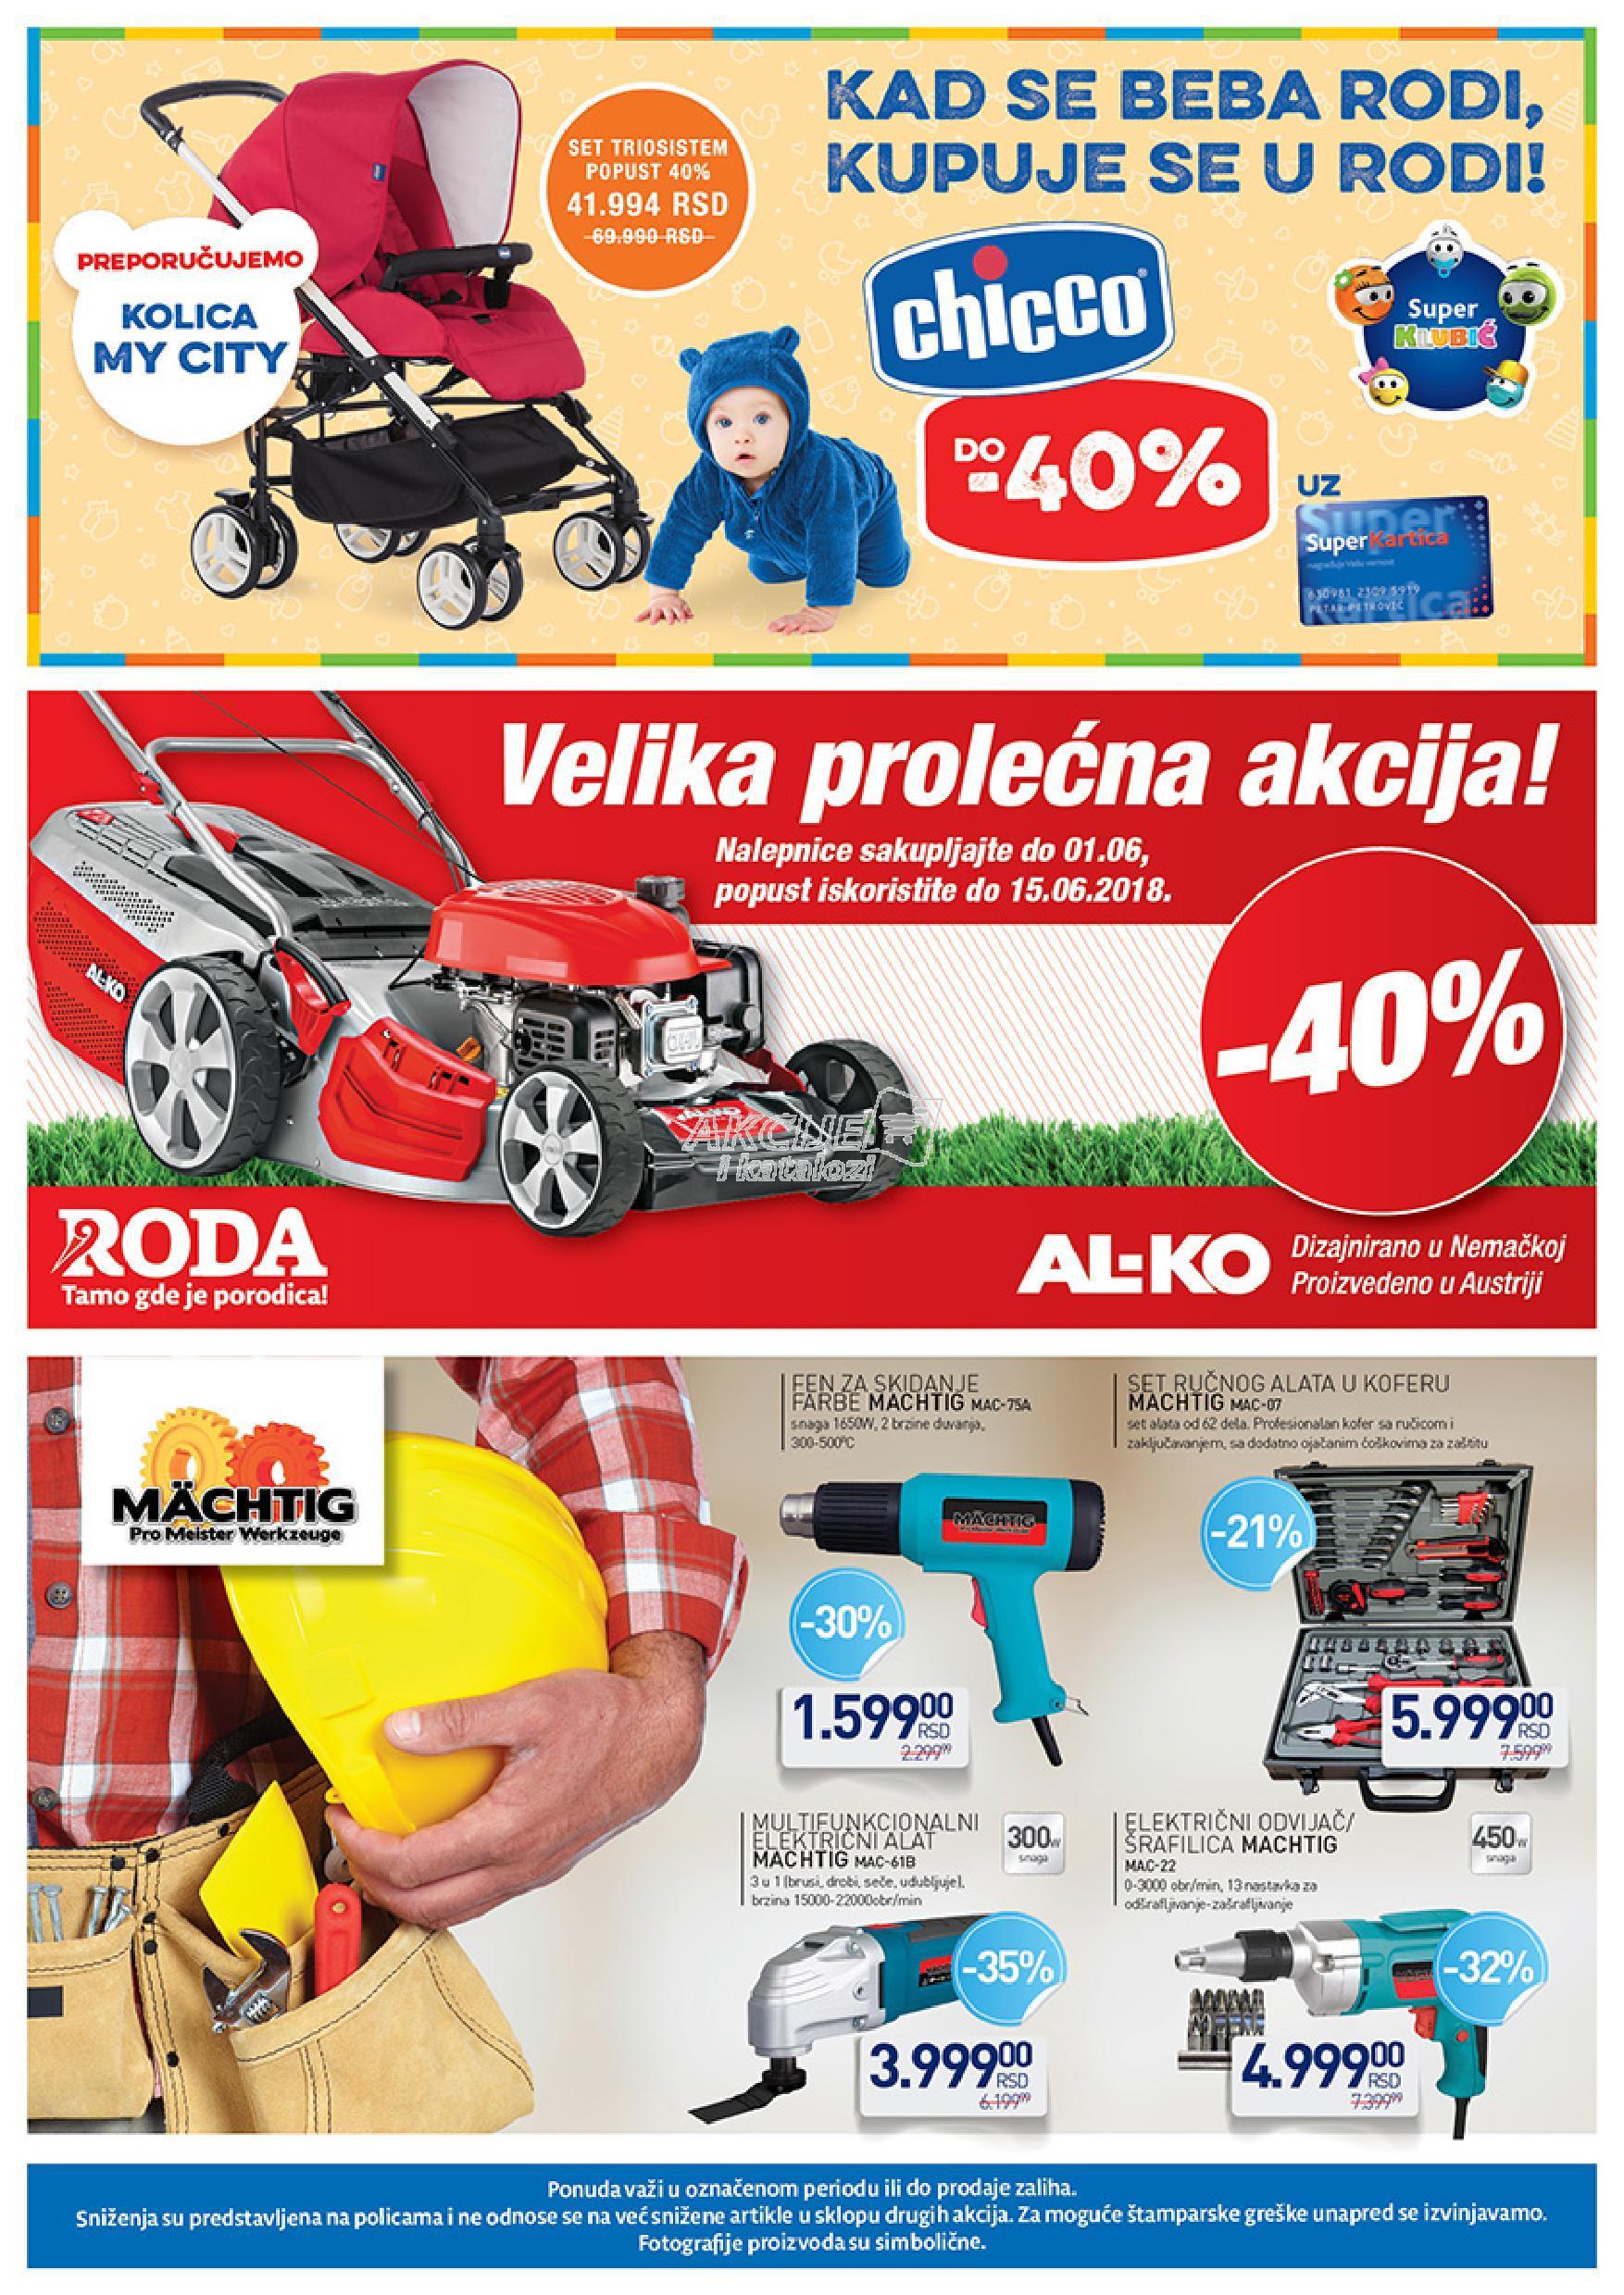 Roda akcija super cena u Lazarevcu